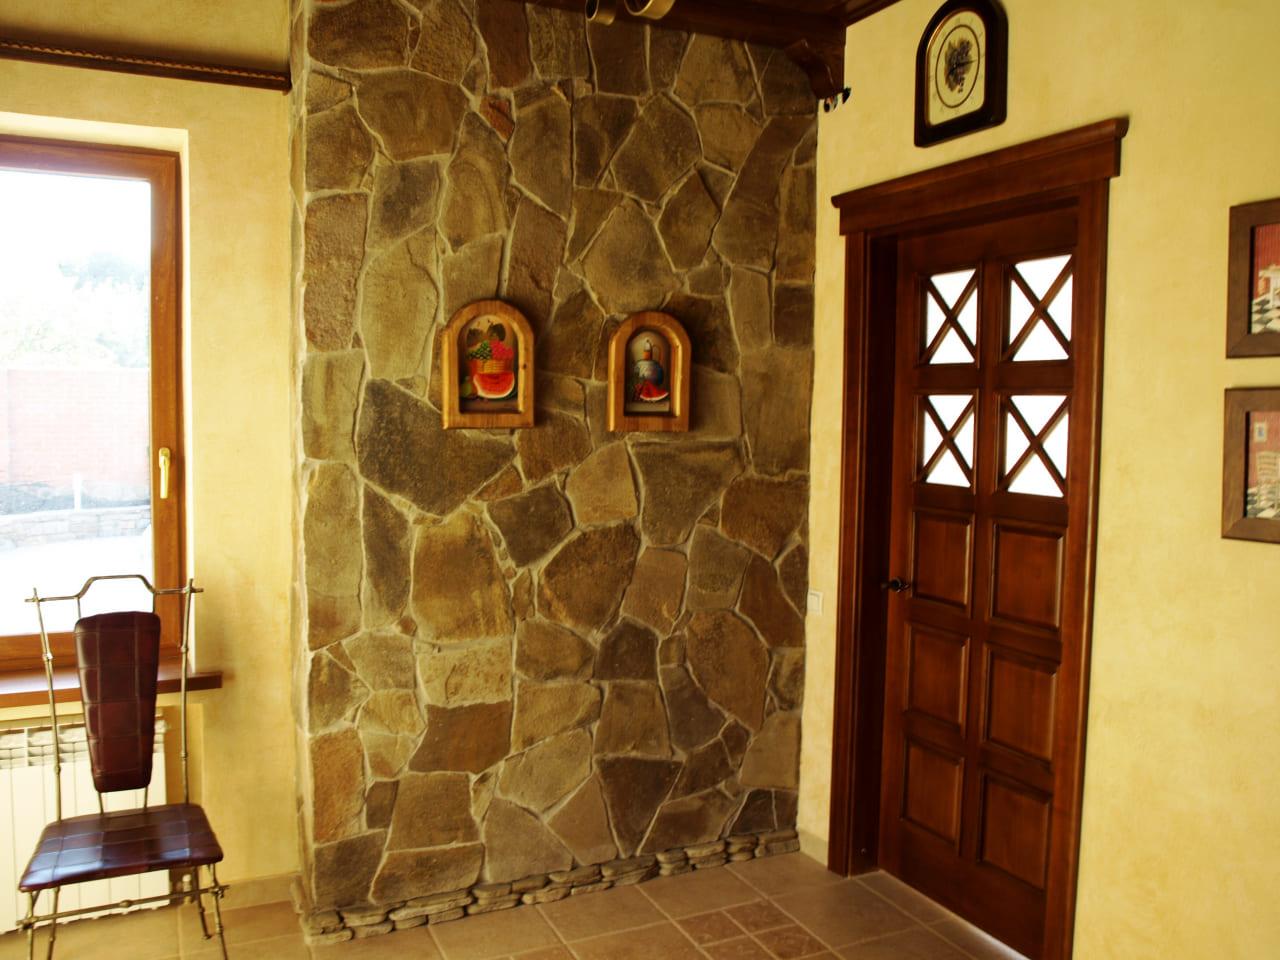 Варианты интерьера в прихожей - камень, ламинат, плитка, фреска 034